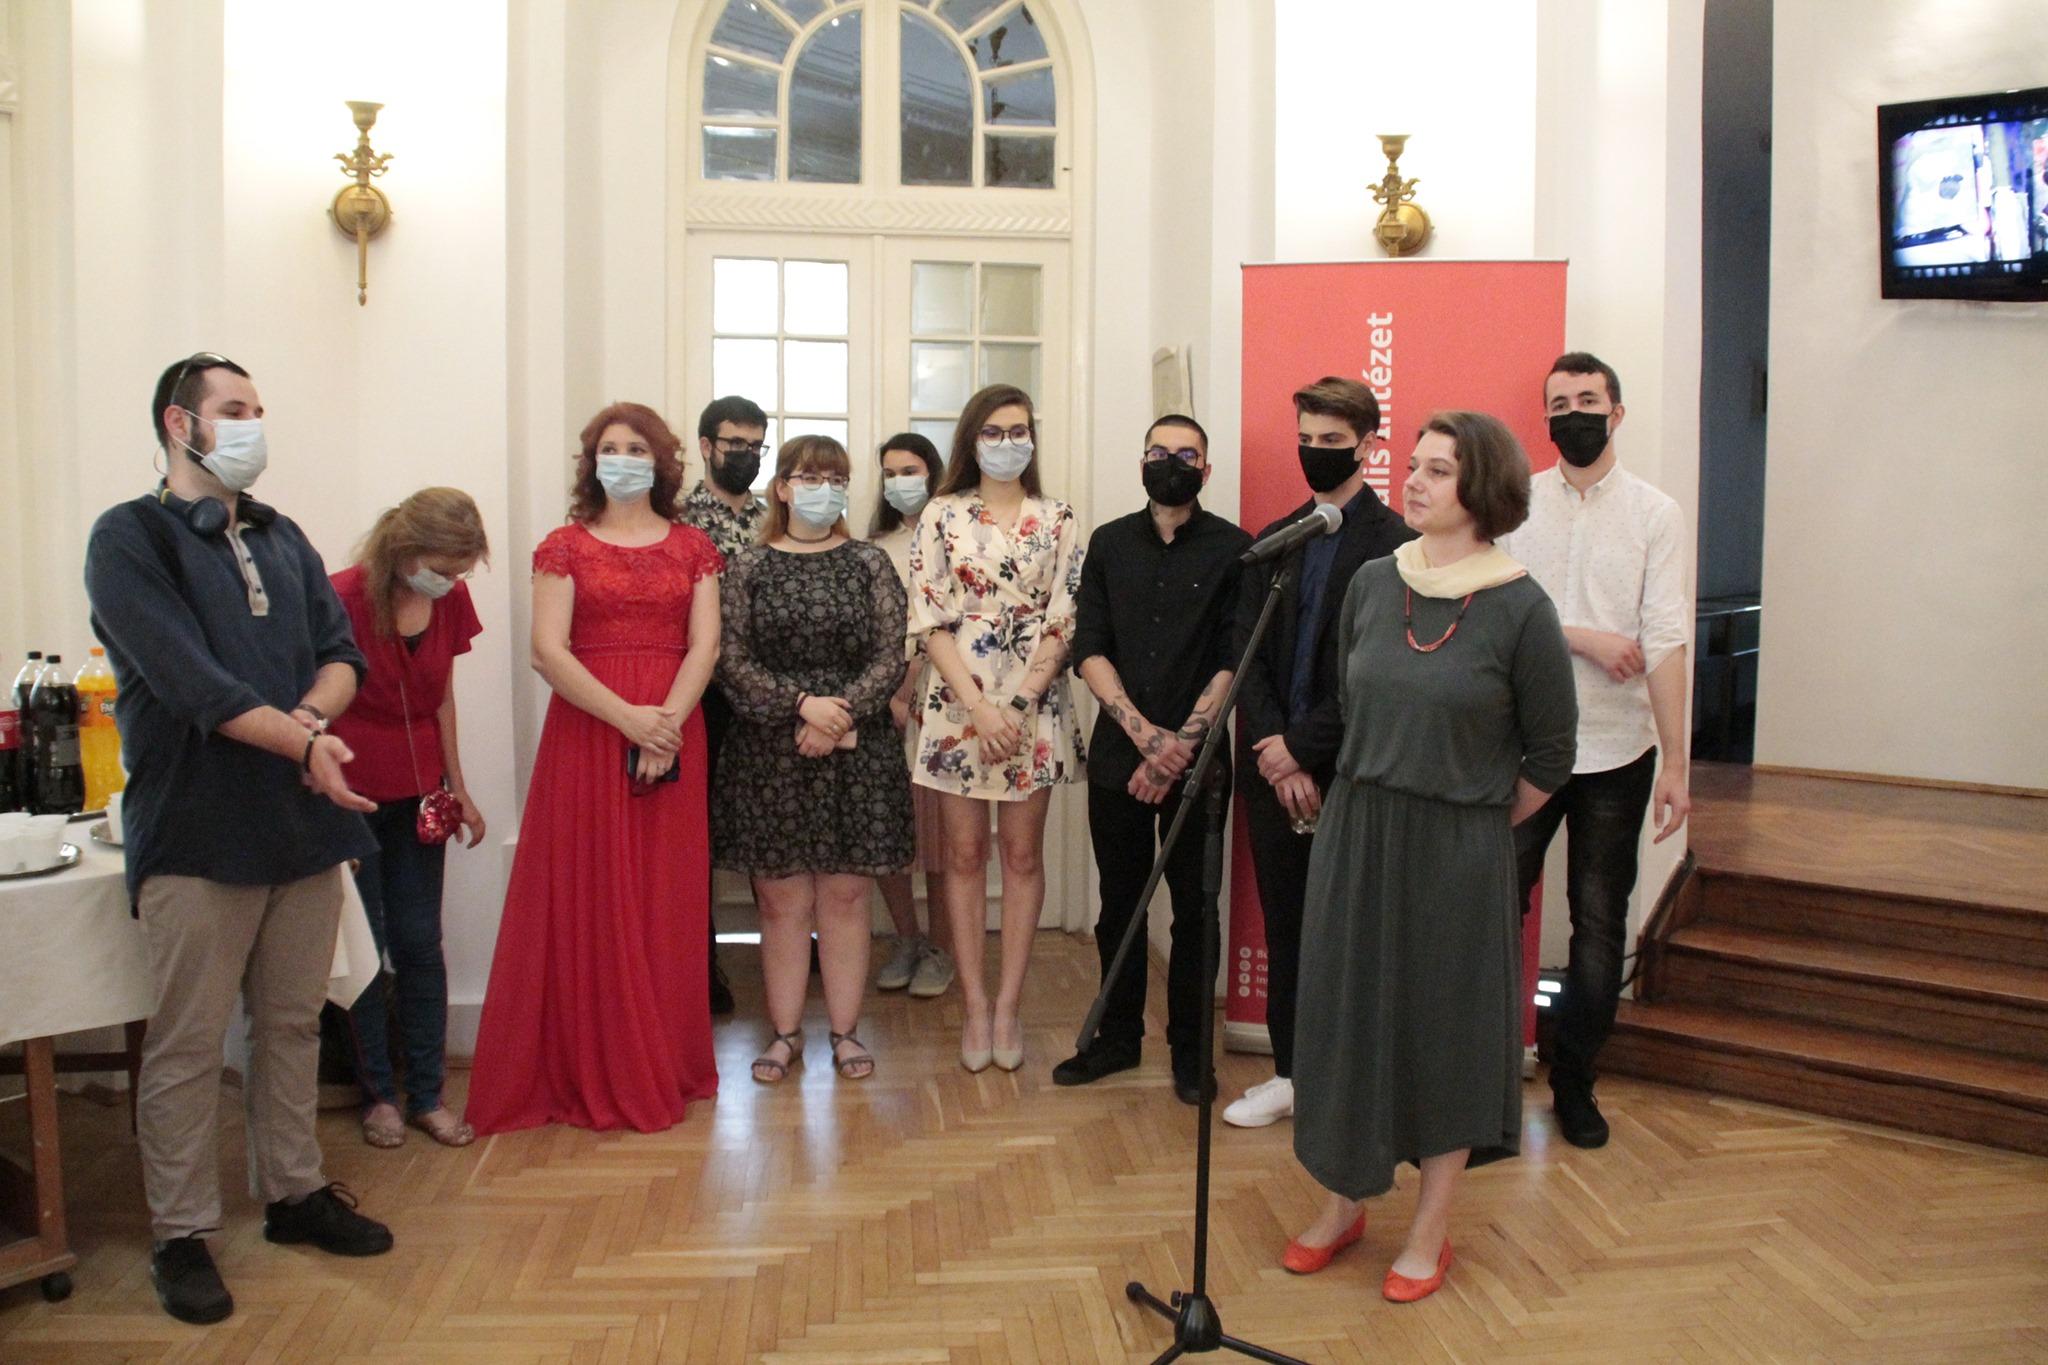 Végzős képzőművészek a Bukaresti Magyar Kulturális Intézetben